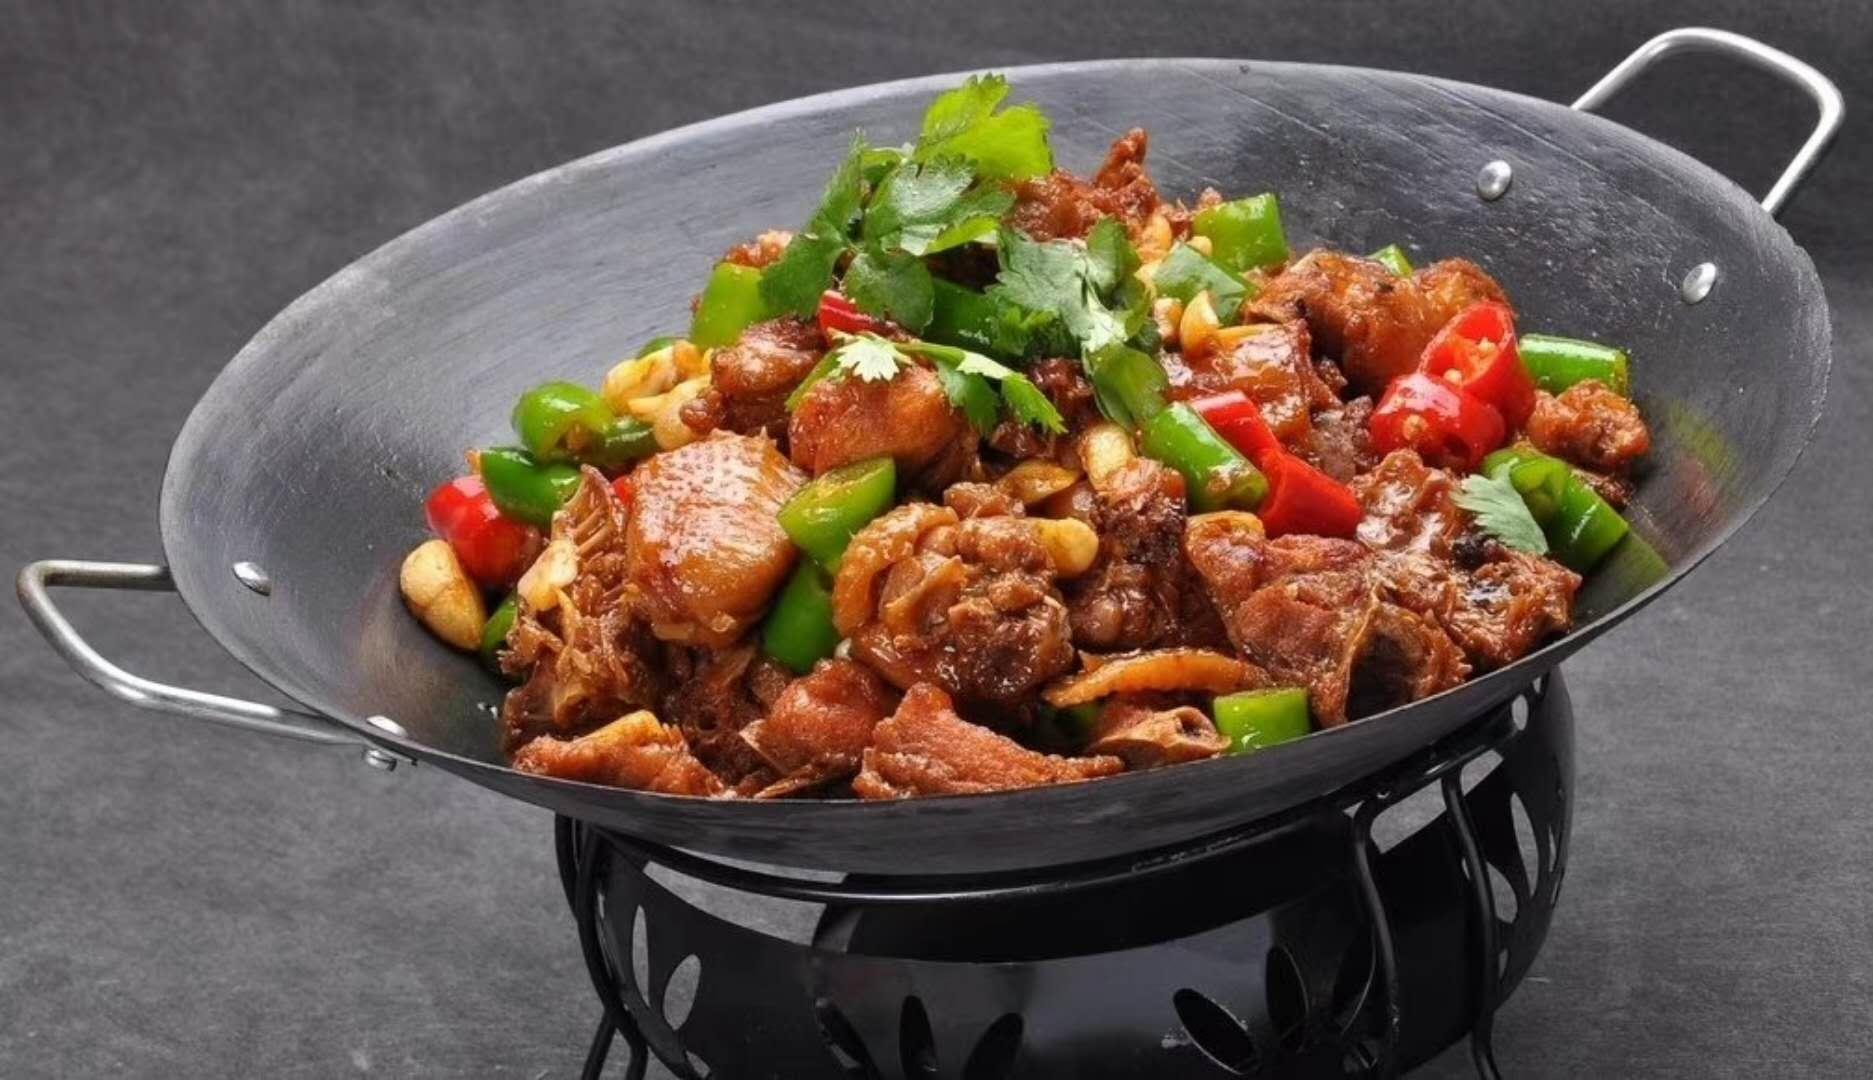 可靠的干锅|河南郑州干锅鸭专业培训机构推荐